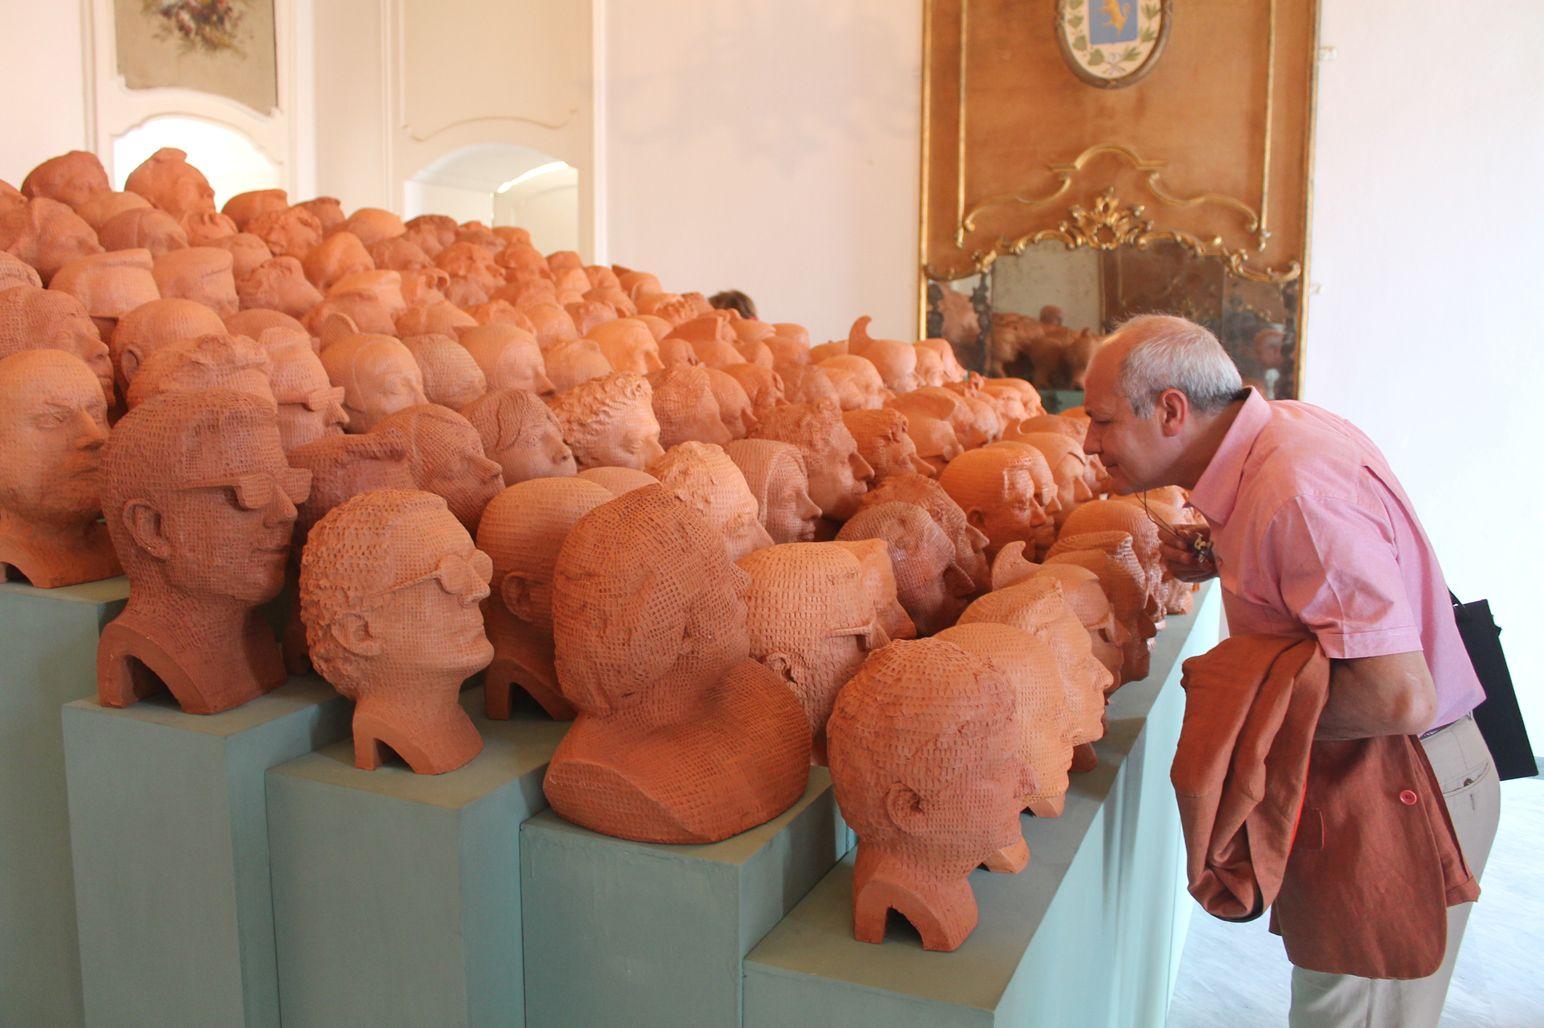 CASTELLAMONTE - La Mostra della Ceramica si fa: dal 9 al 24 settembre